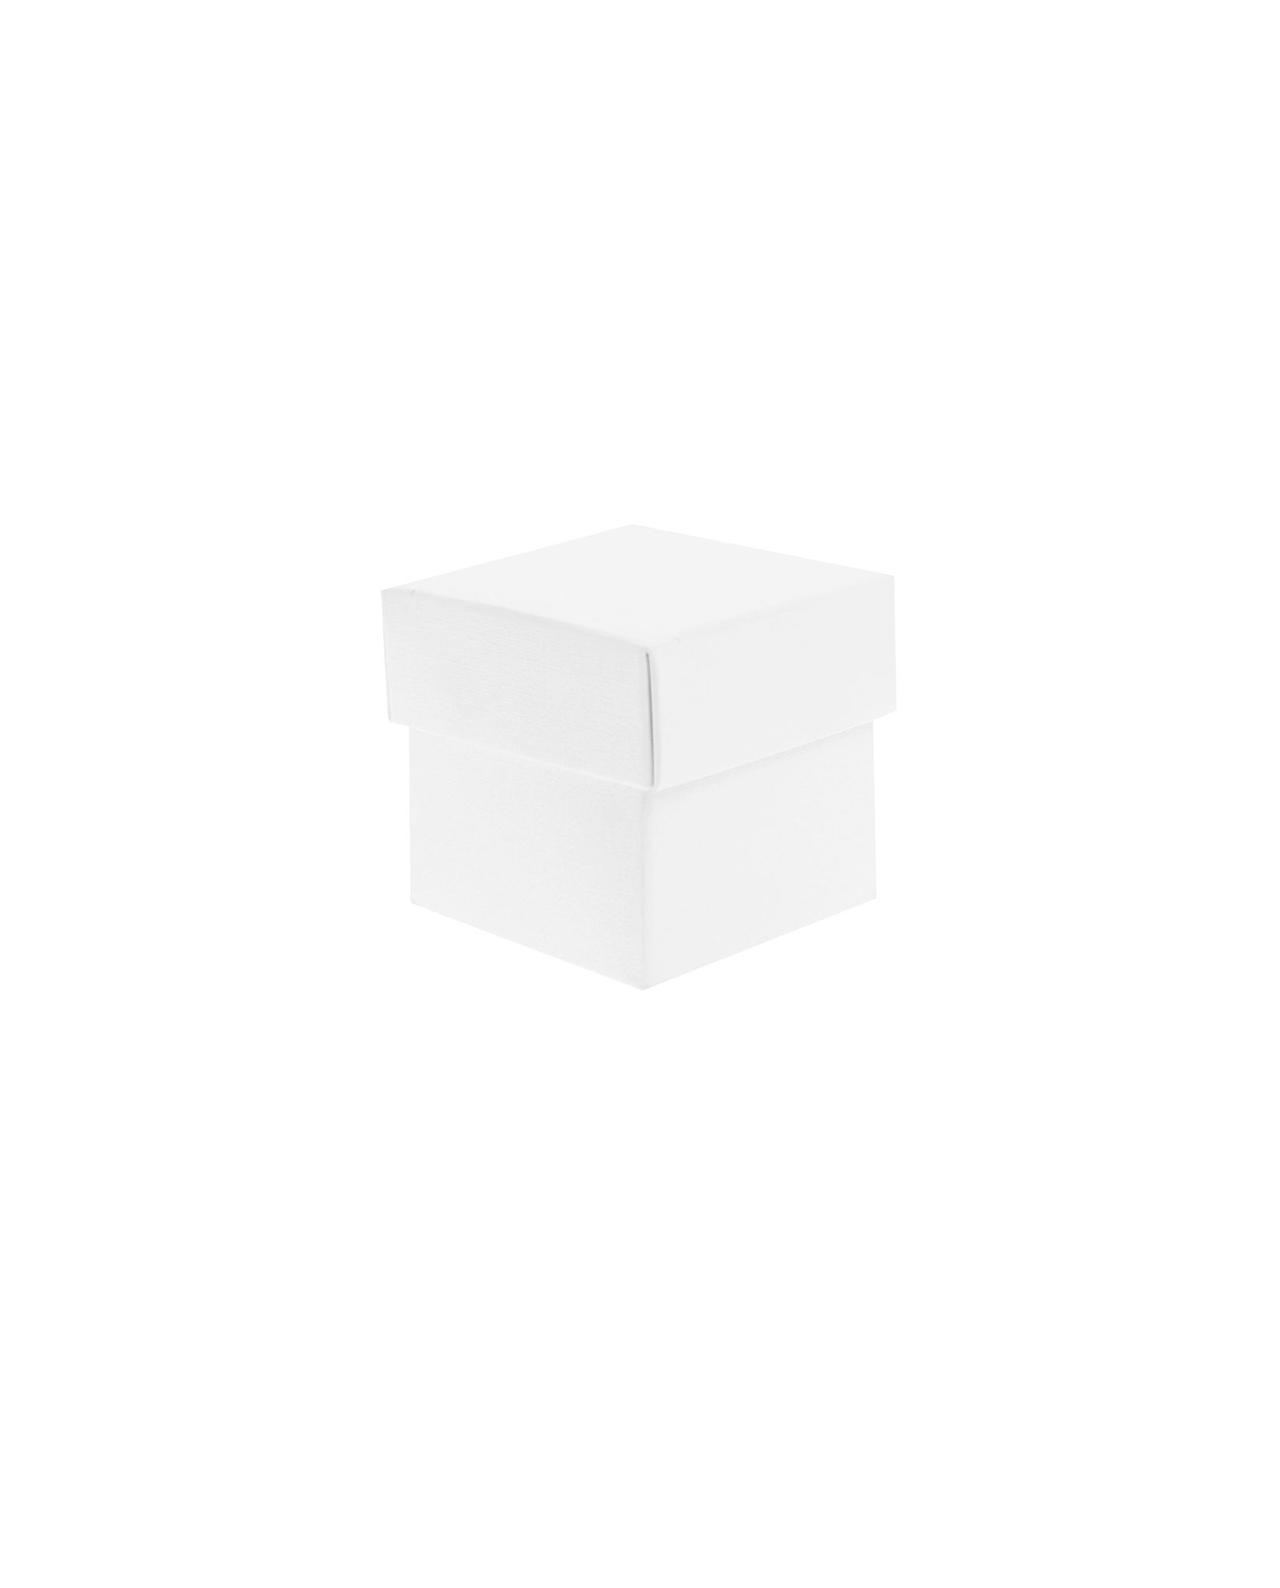 Scatole Su Misura Per Bomboniere.Scatole Quadrate Per Bomboniere Bianche Con Ribaltina Set 10 Pz